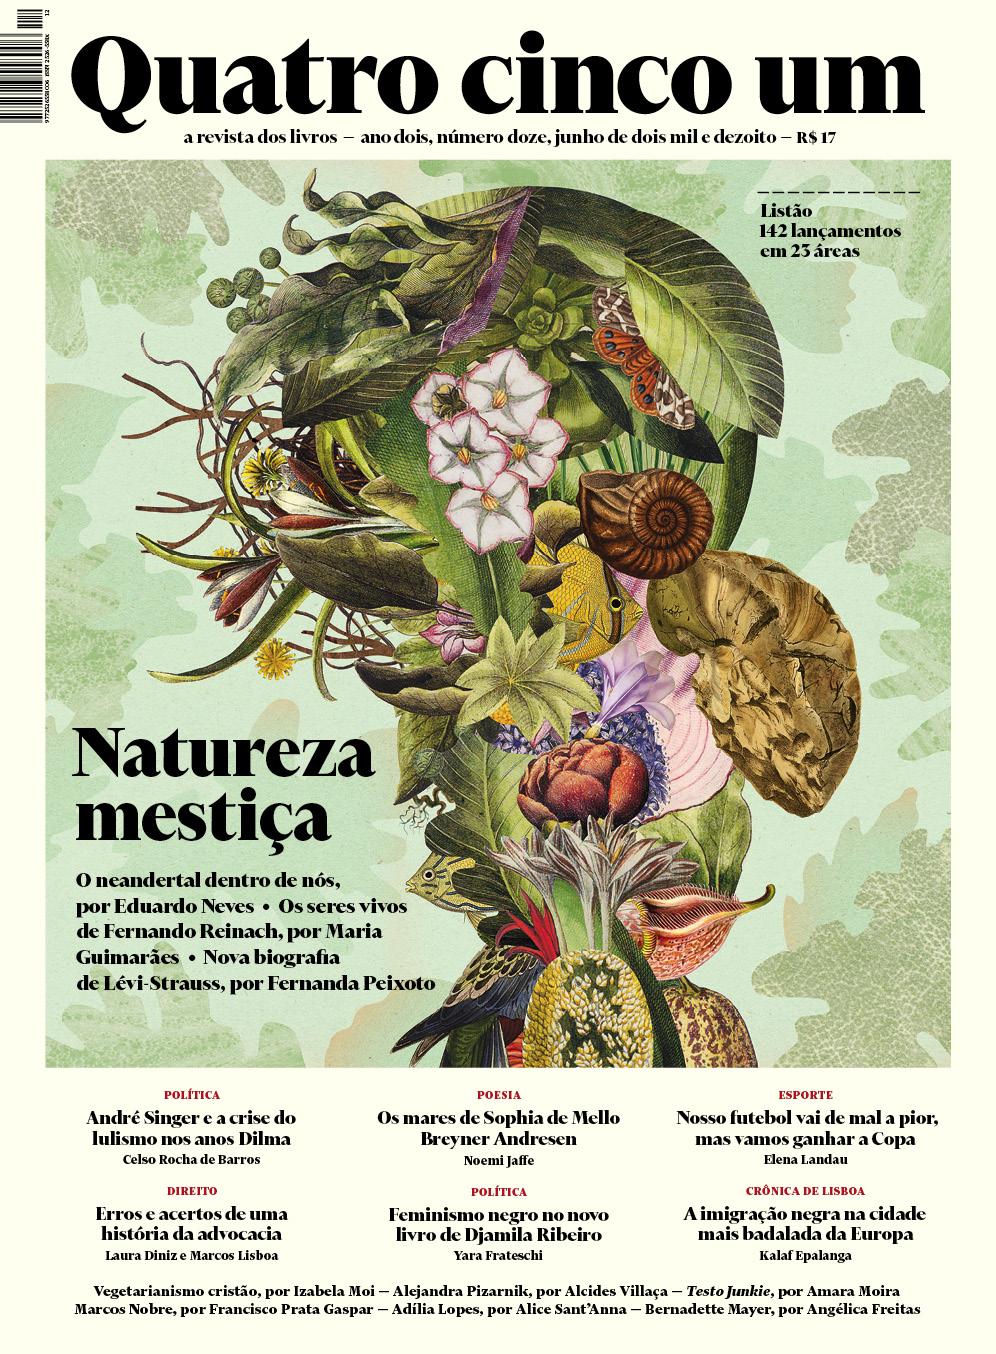 Text Quatro Cinco Um Magazine: A COISA AQUI TÁ AFRICANA